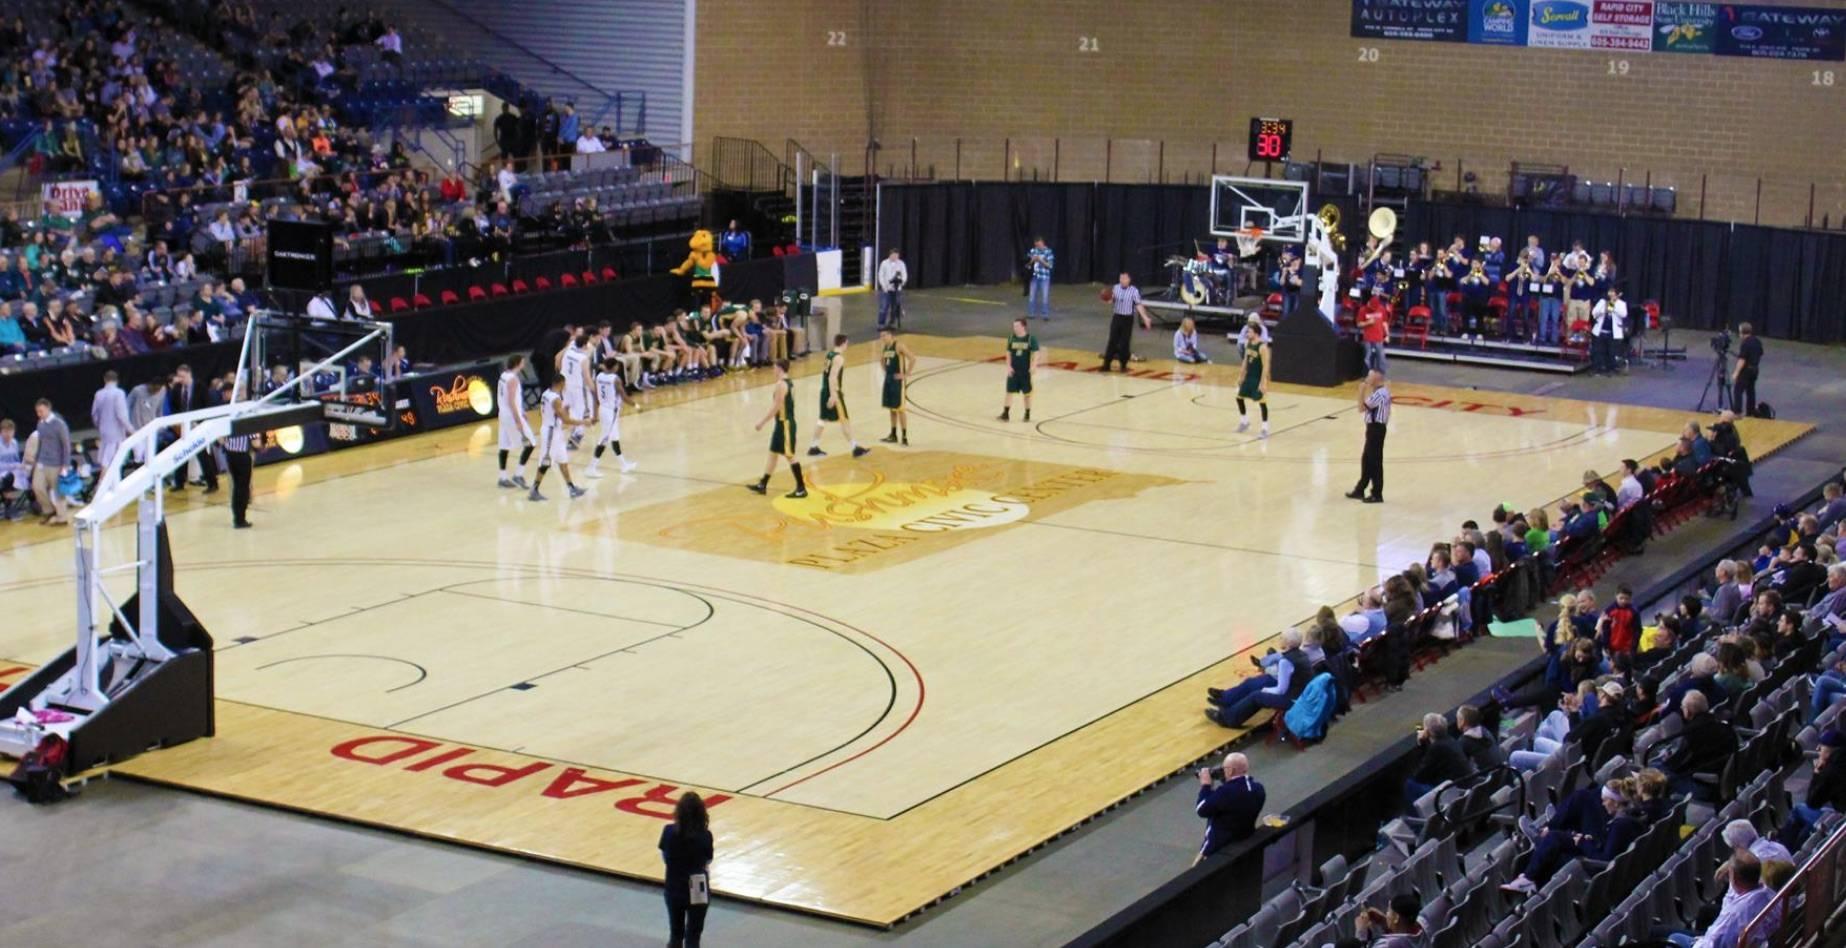 Rushmore Plaza Civic Center basketball court